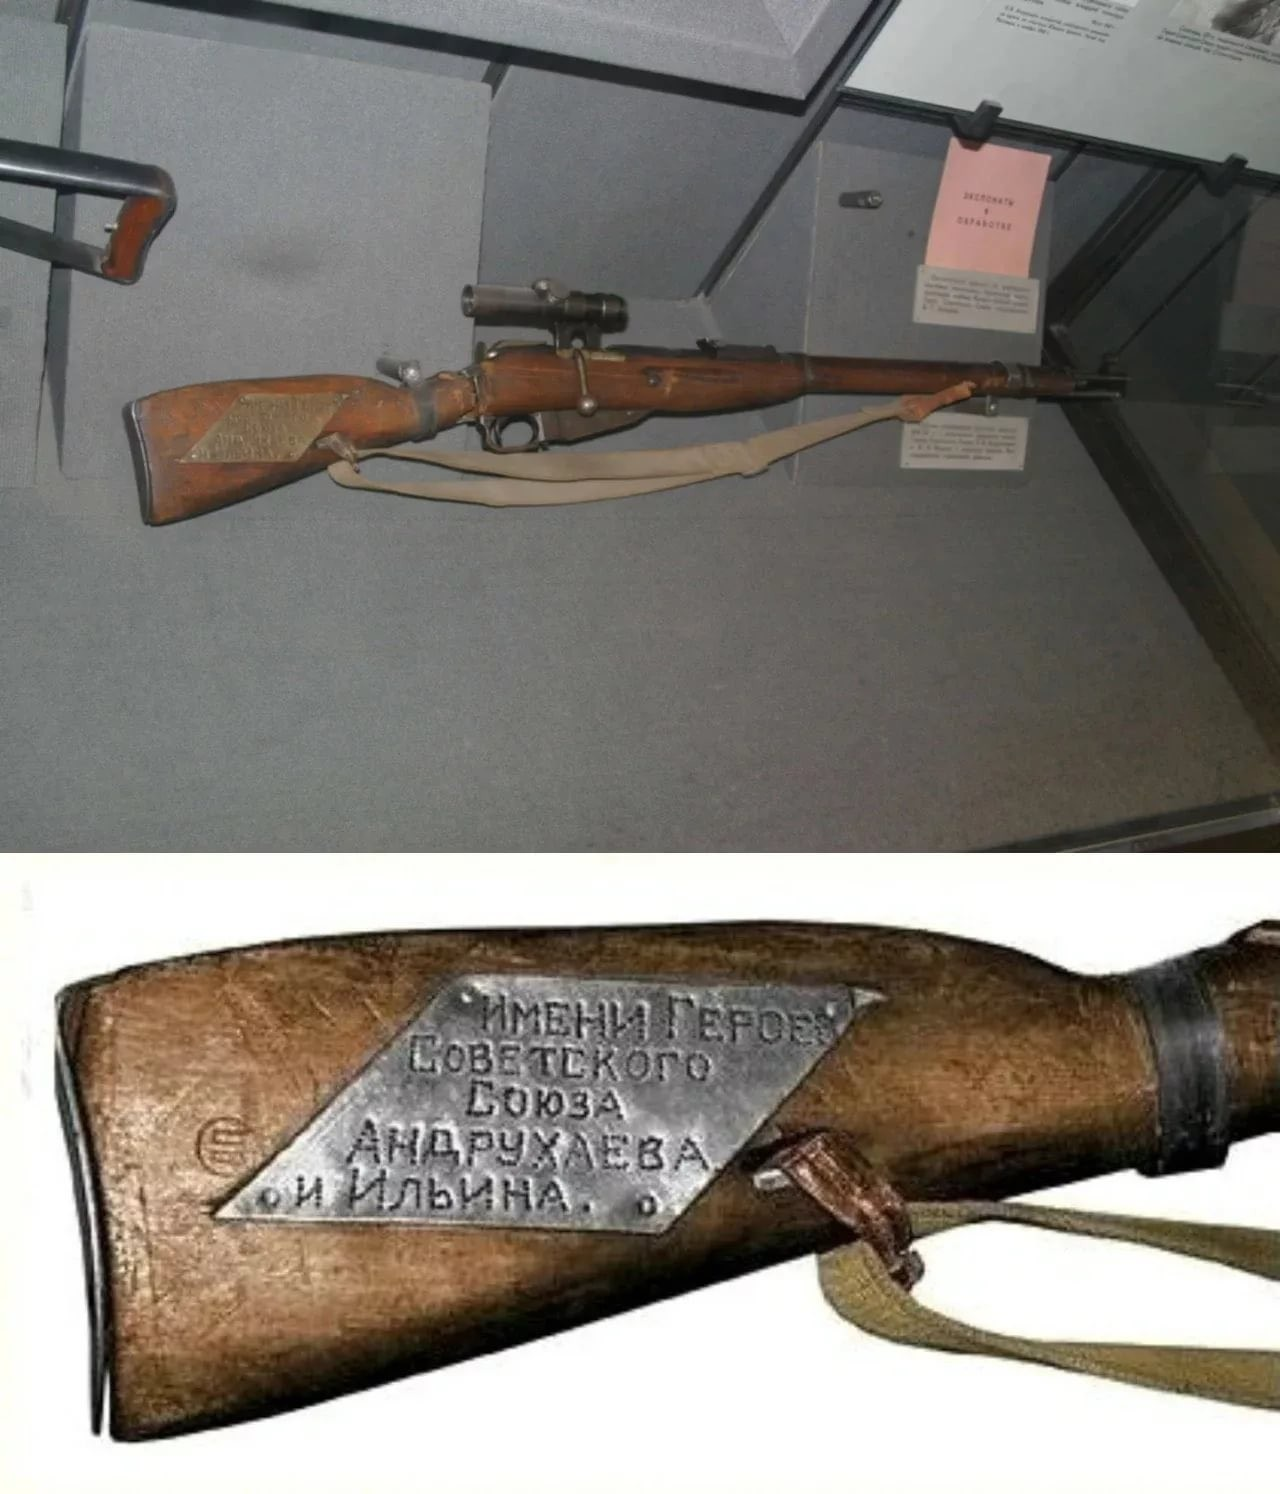 В настоящее время в Центральном музее Вооружённых Сил России хранится снайперская винтовка № КЕ-1729, получившая наименование в честь Героев Советского Союза Андрухаева и Ильина.